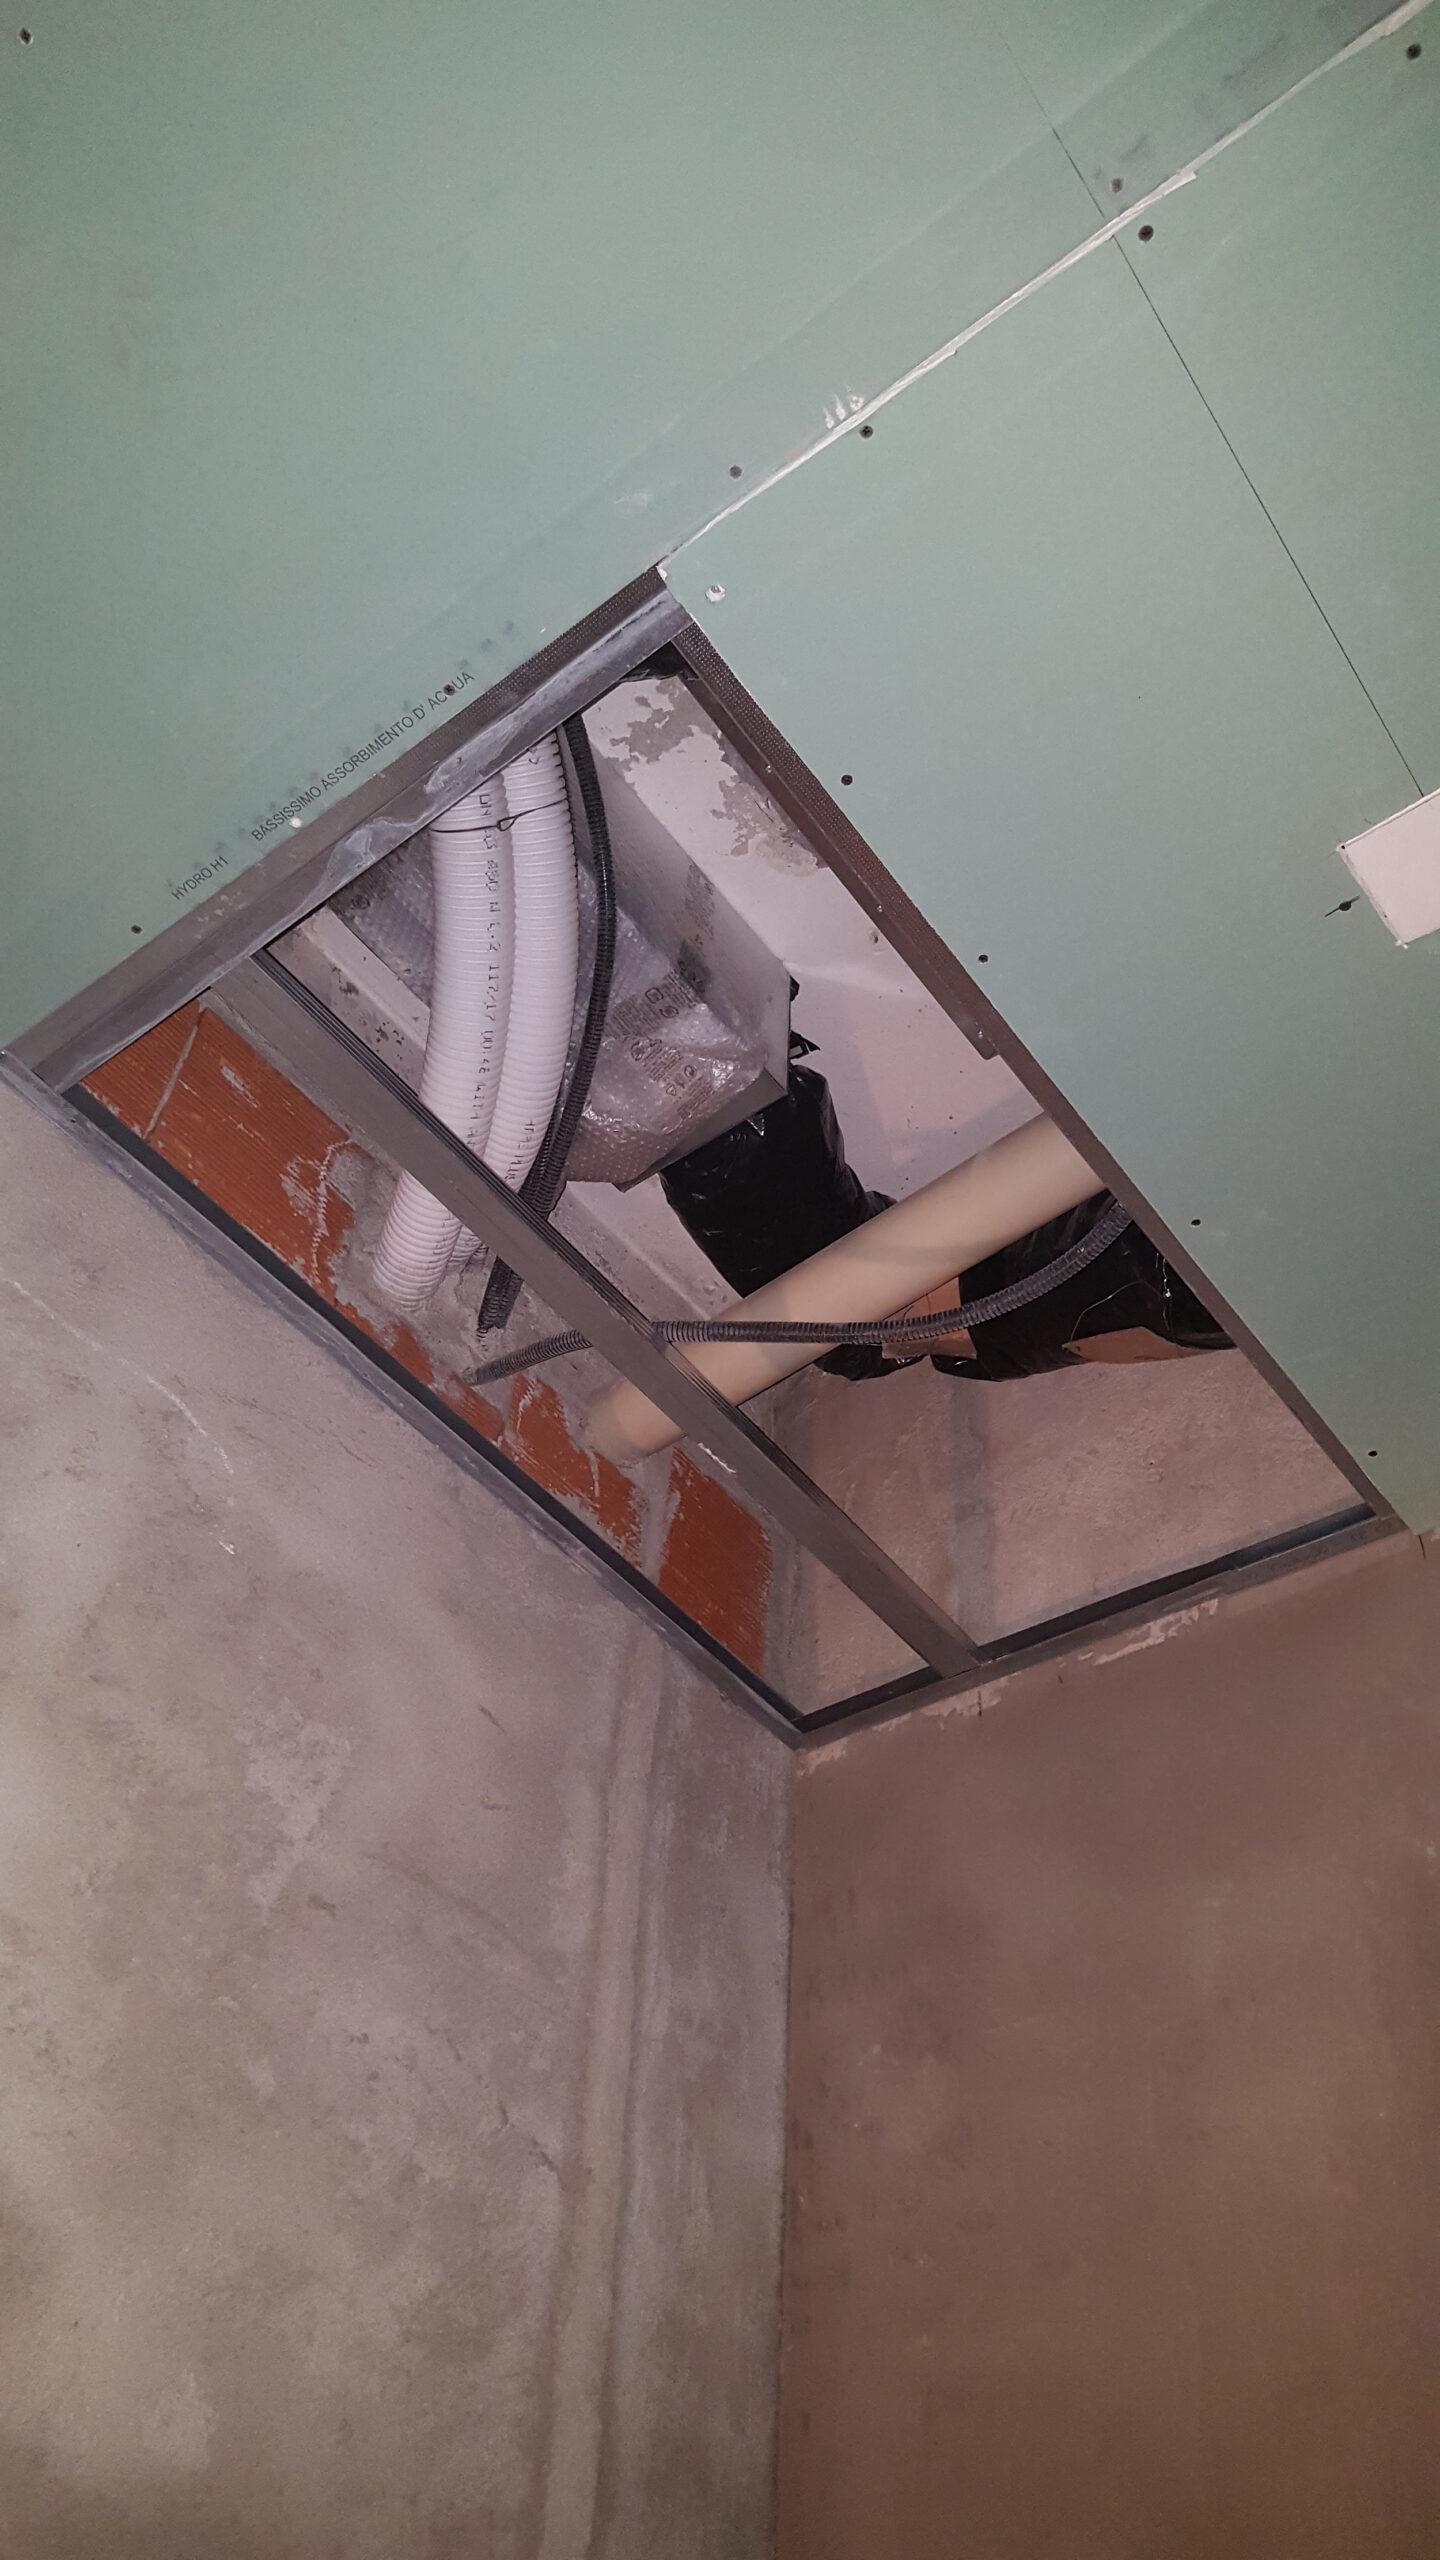 1. Alloggiamento tubazioni di impianti a soffitto: lavori in corso.